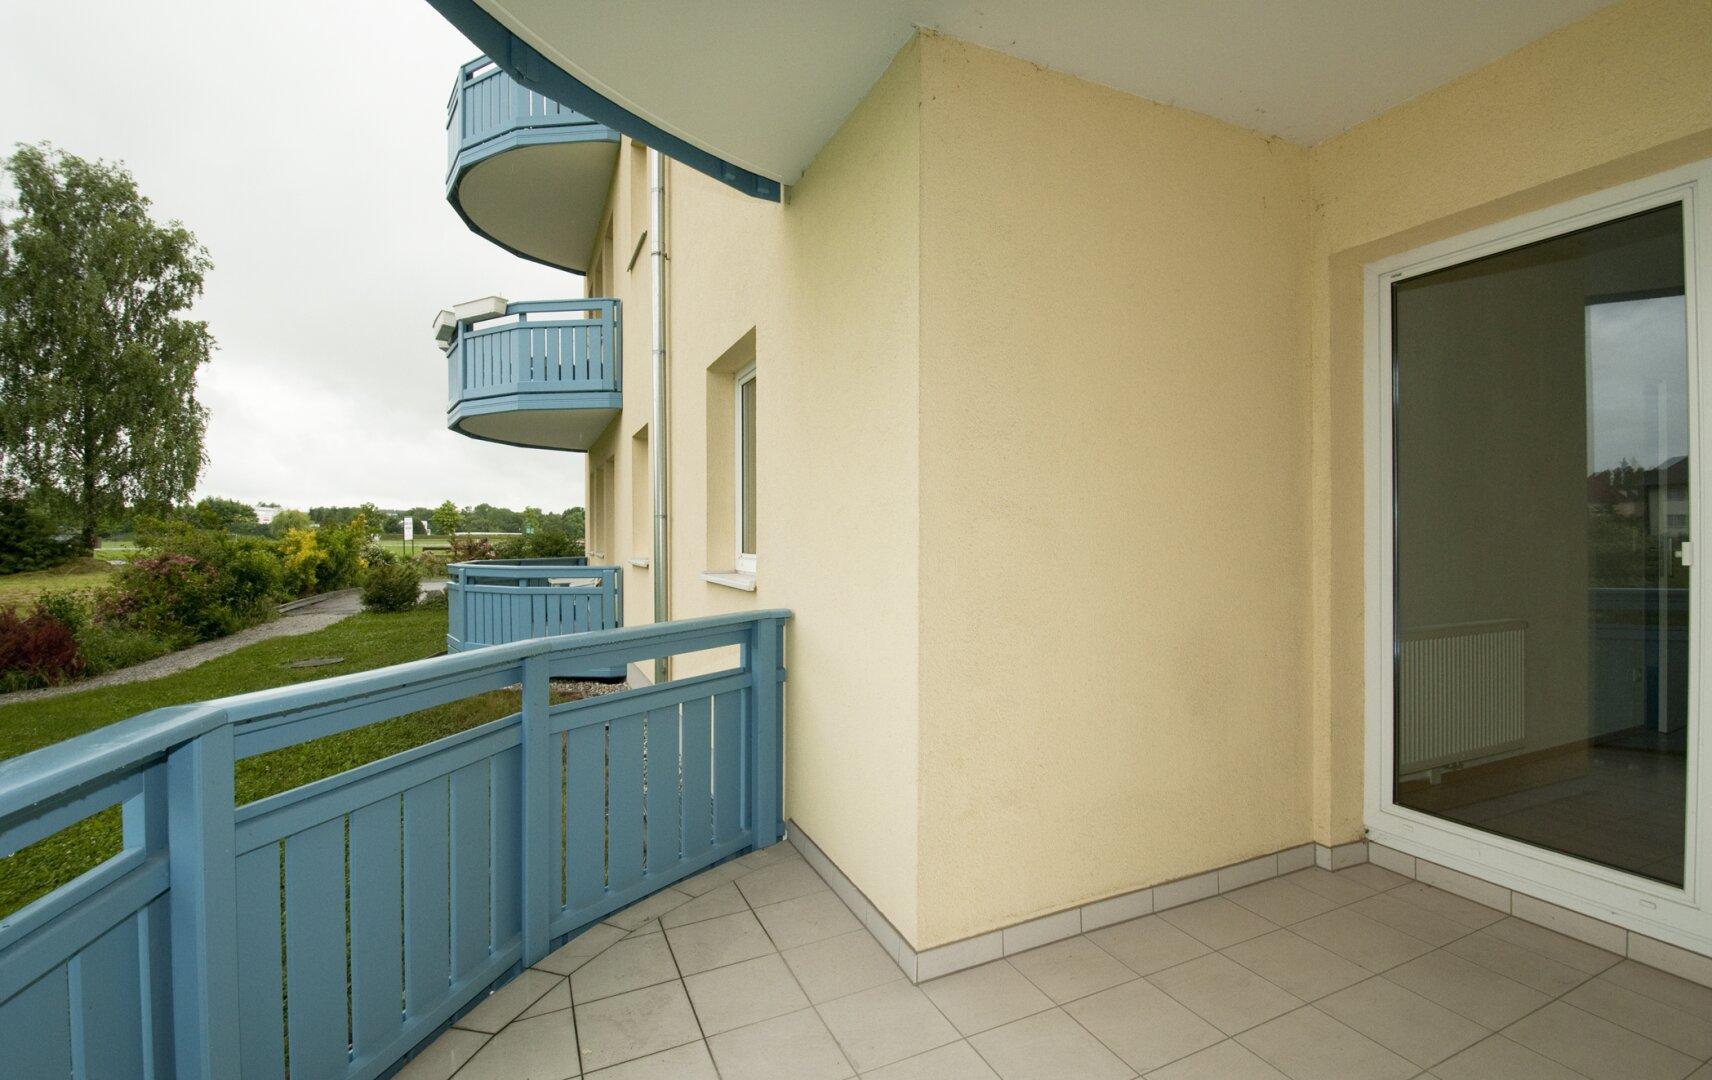 Loggia und Balkon